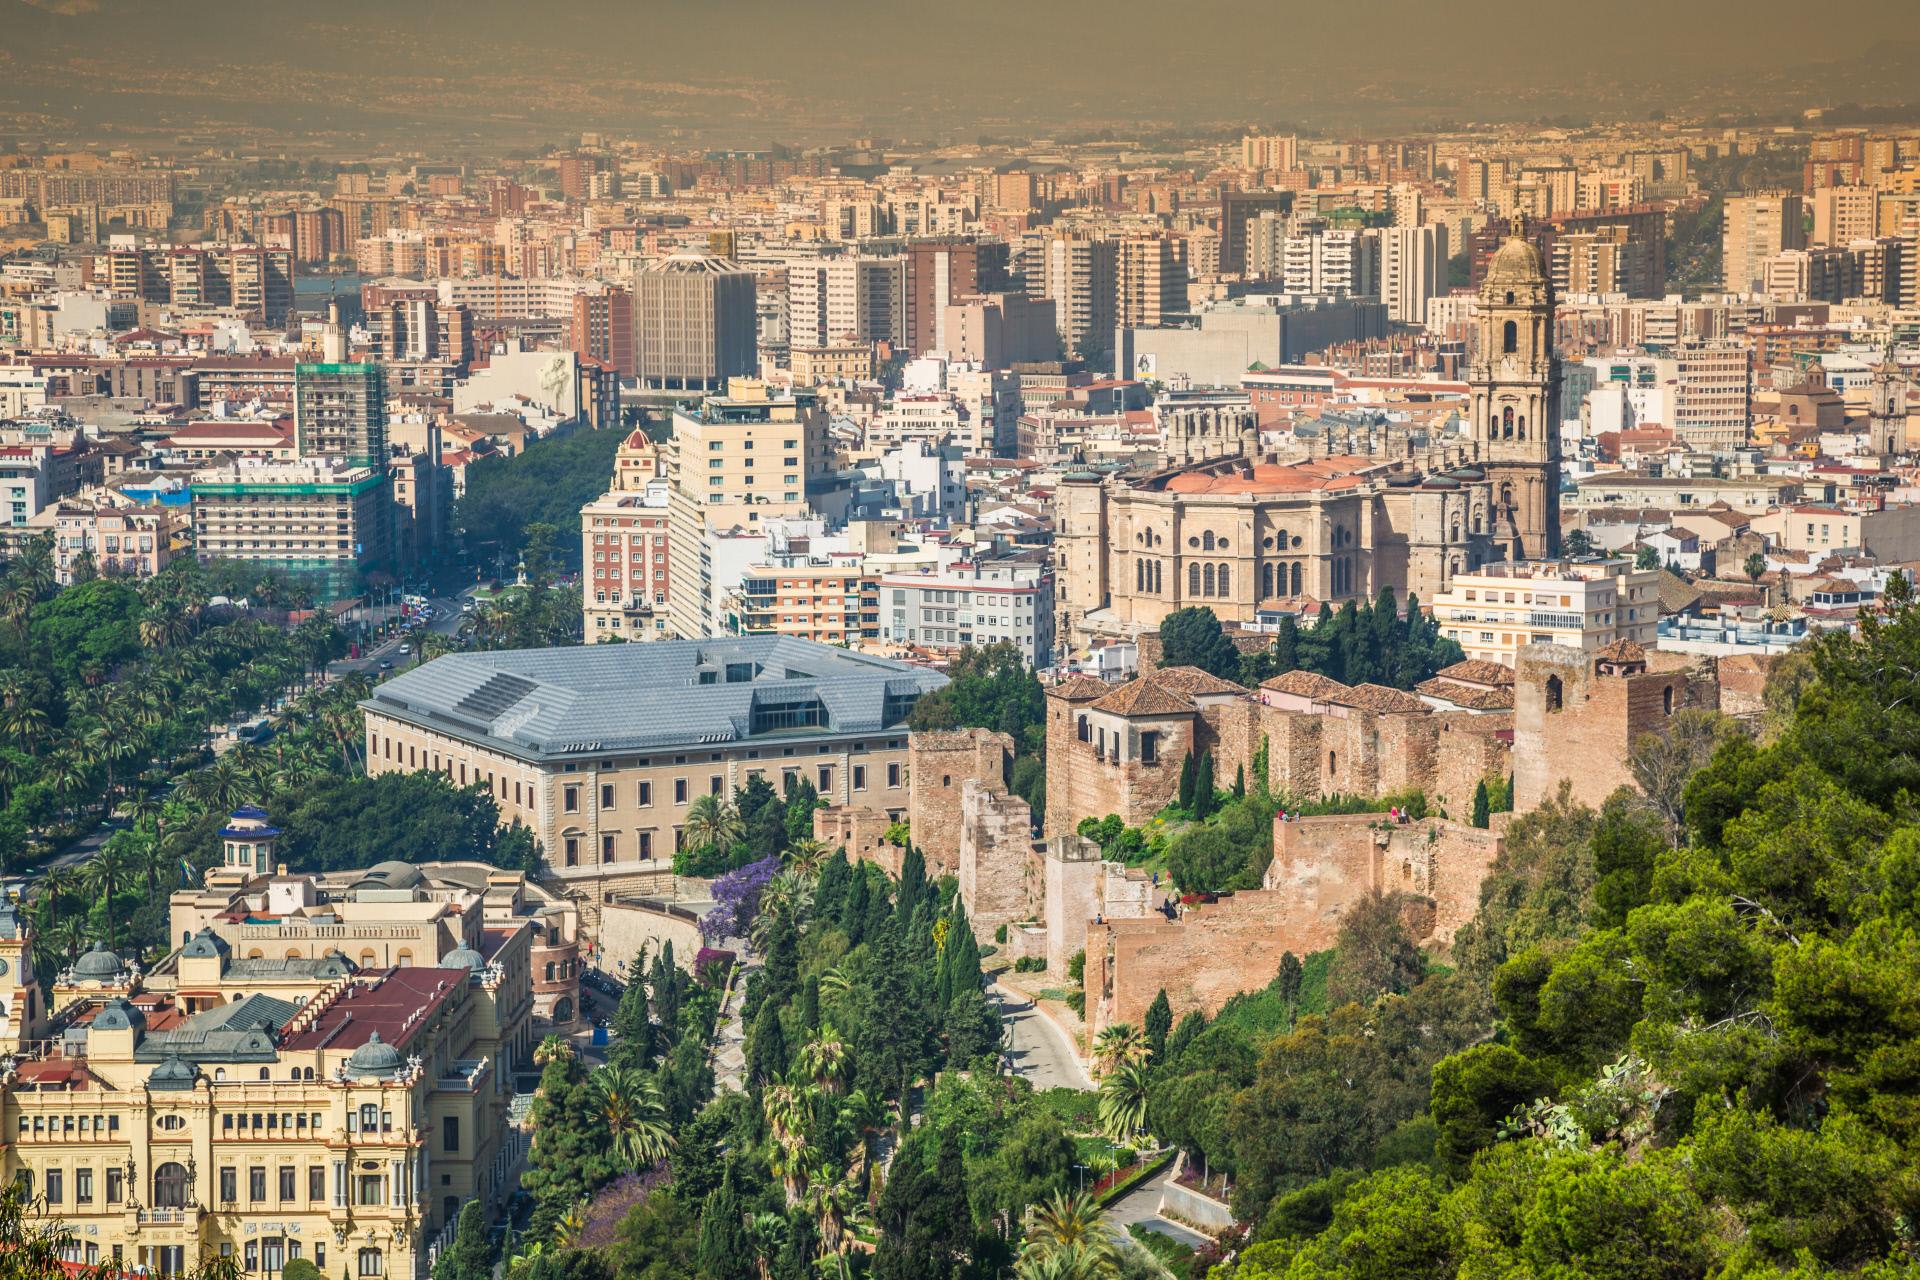 Vista panorámica de la ciudad de Málaga / Gtres